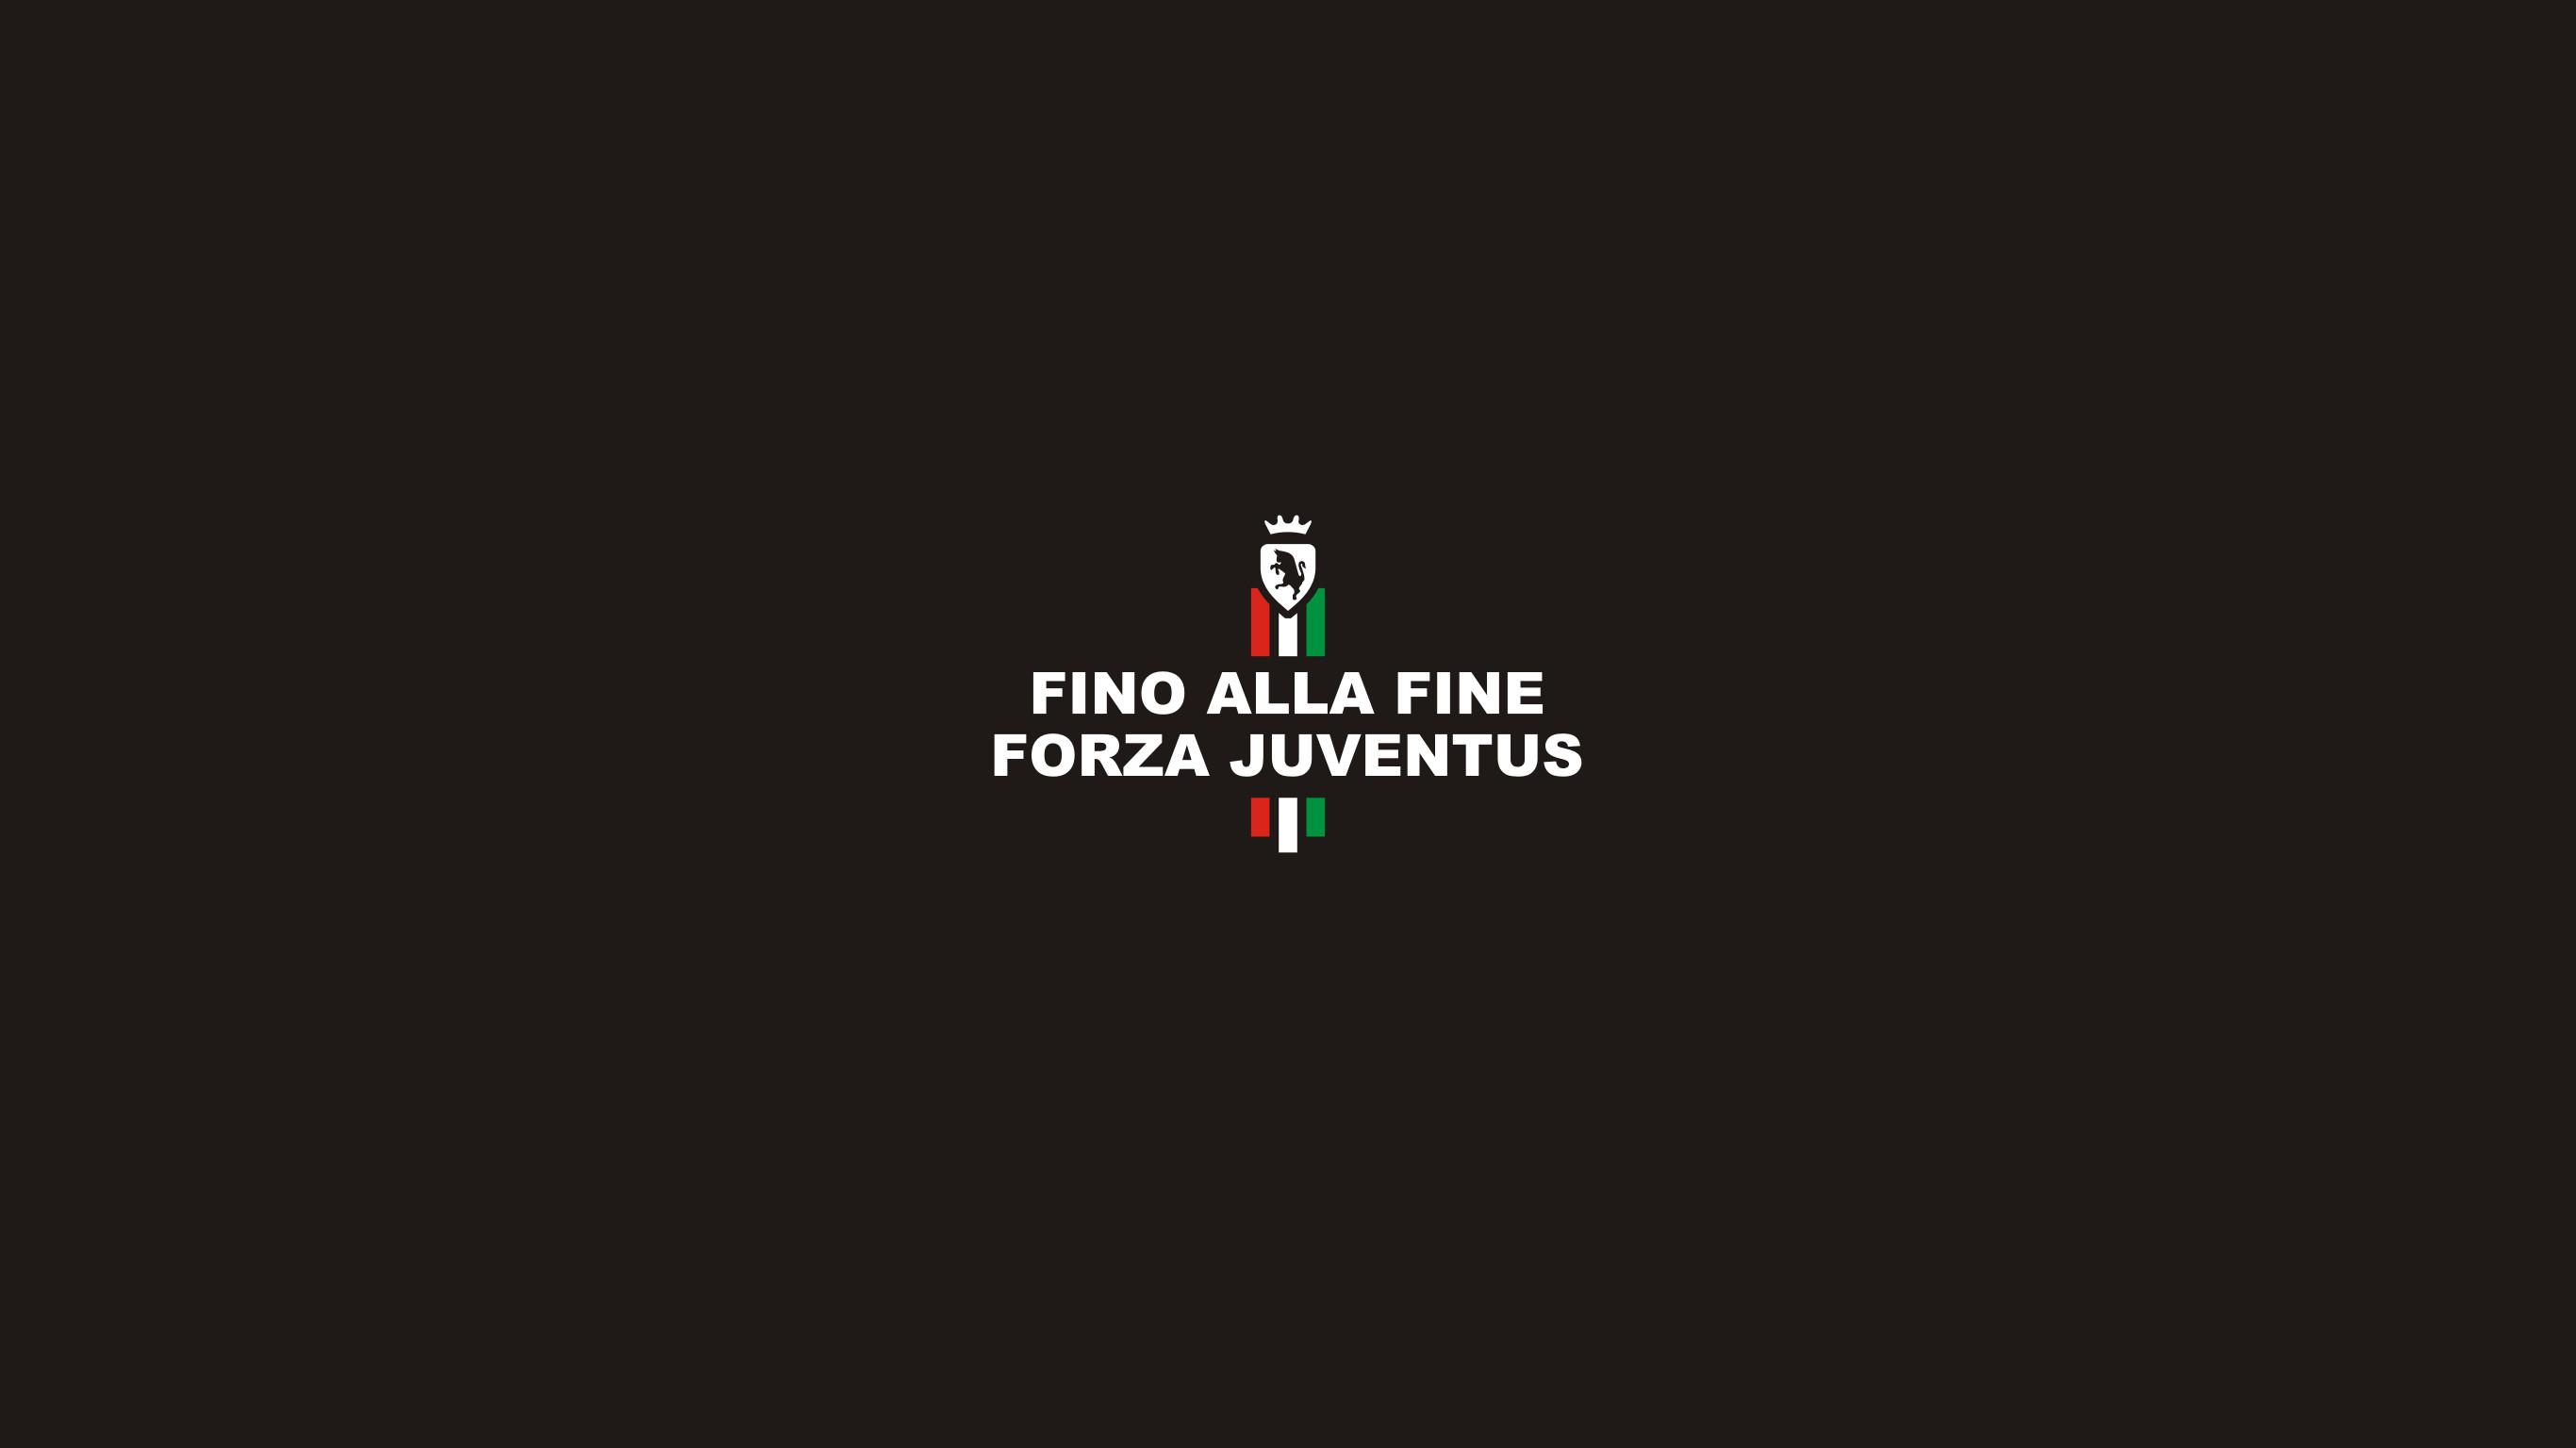 Juventus Wallpaper 2018 72 Images